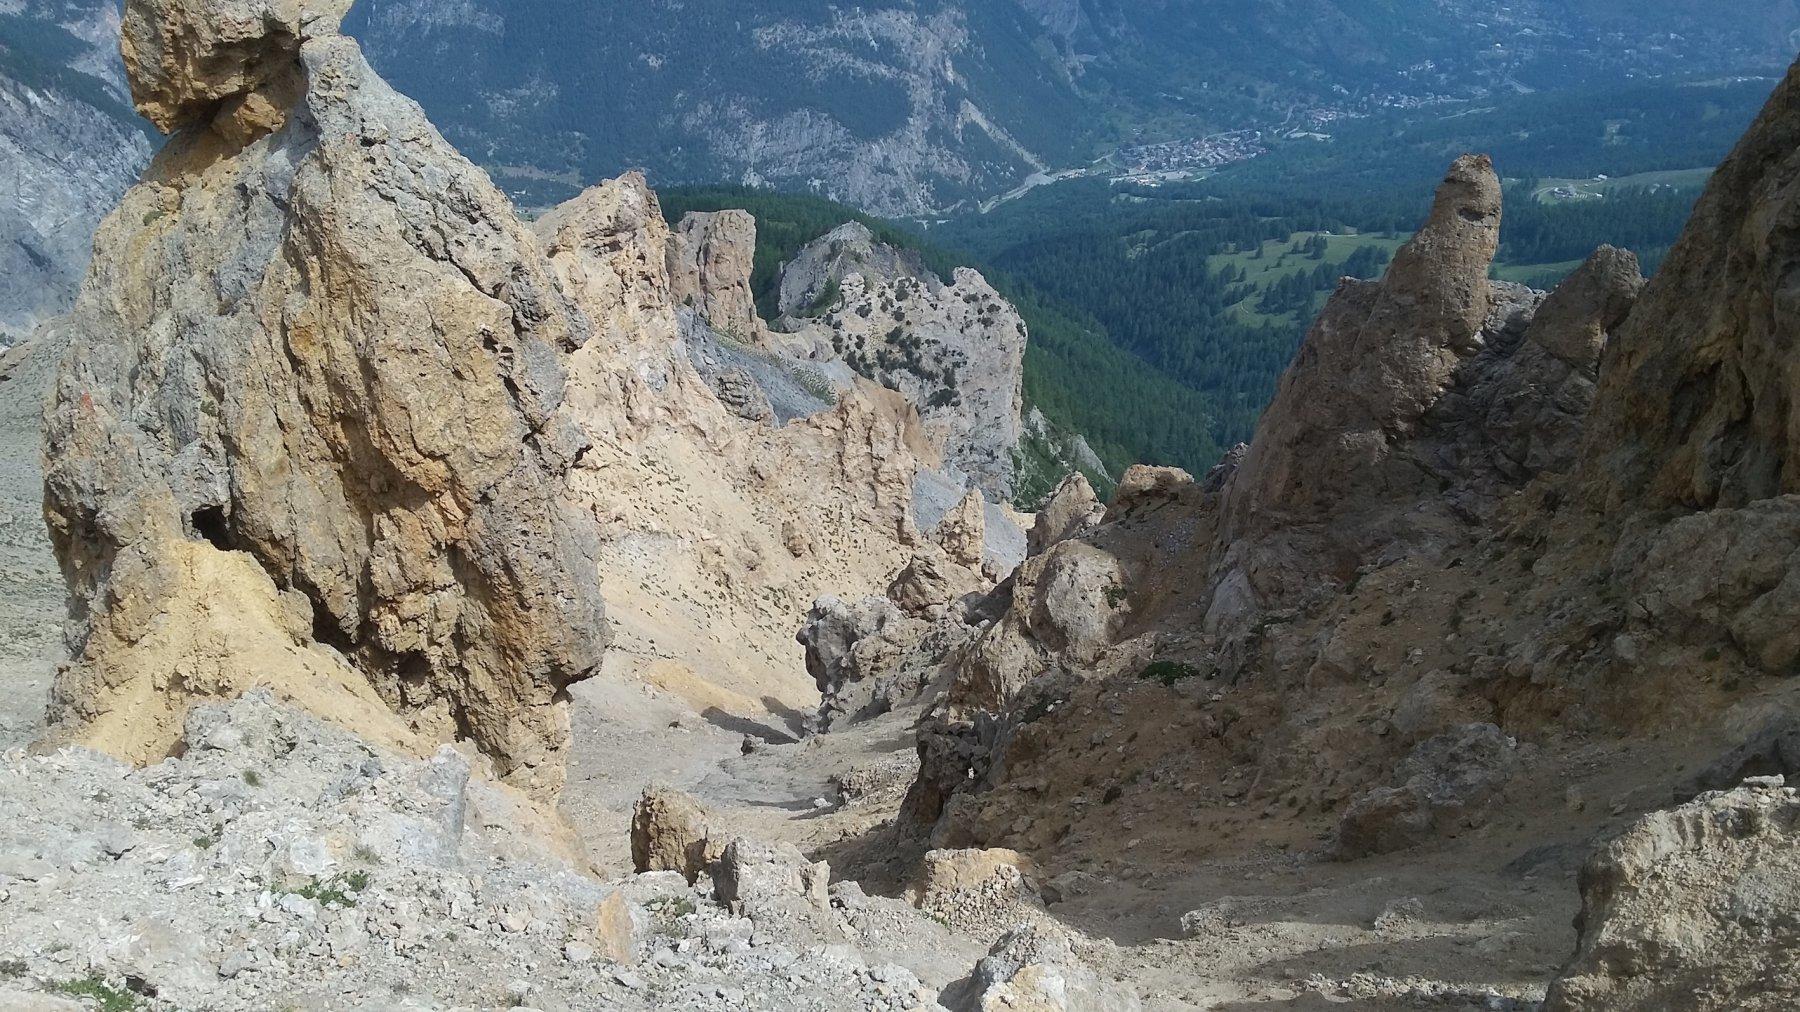 incredibili pinnacoli